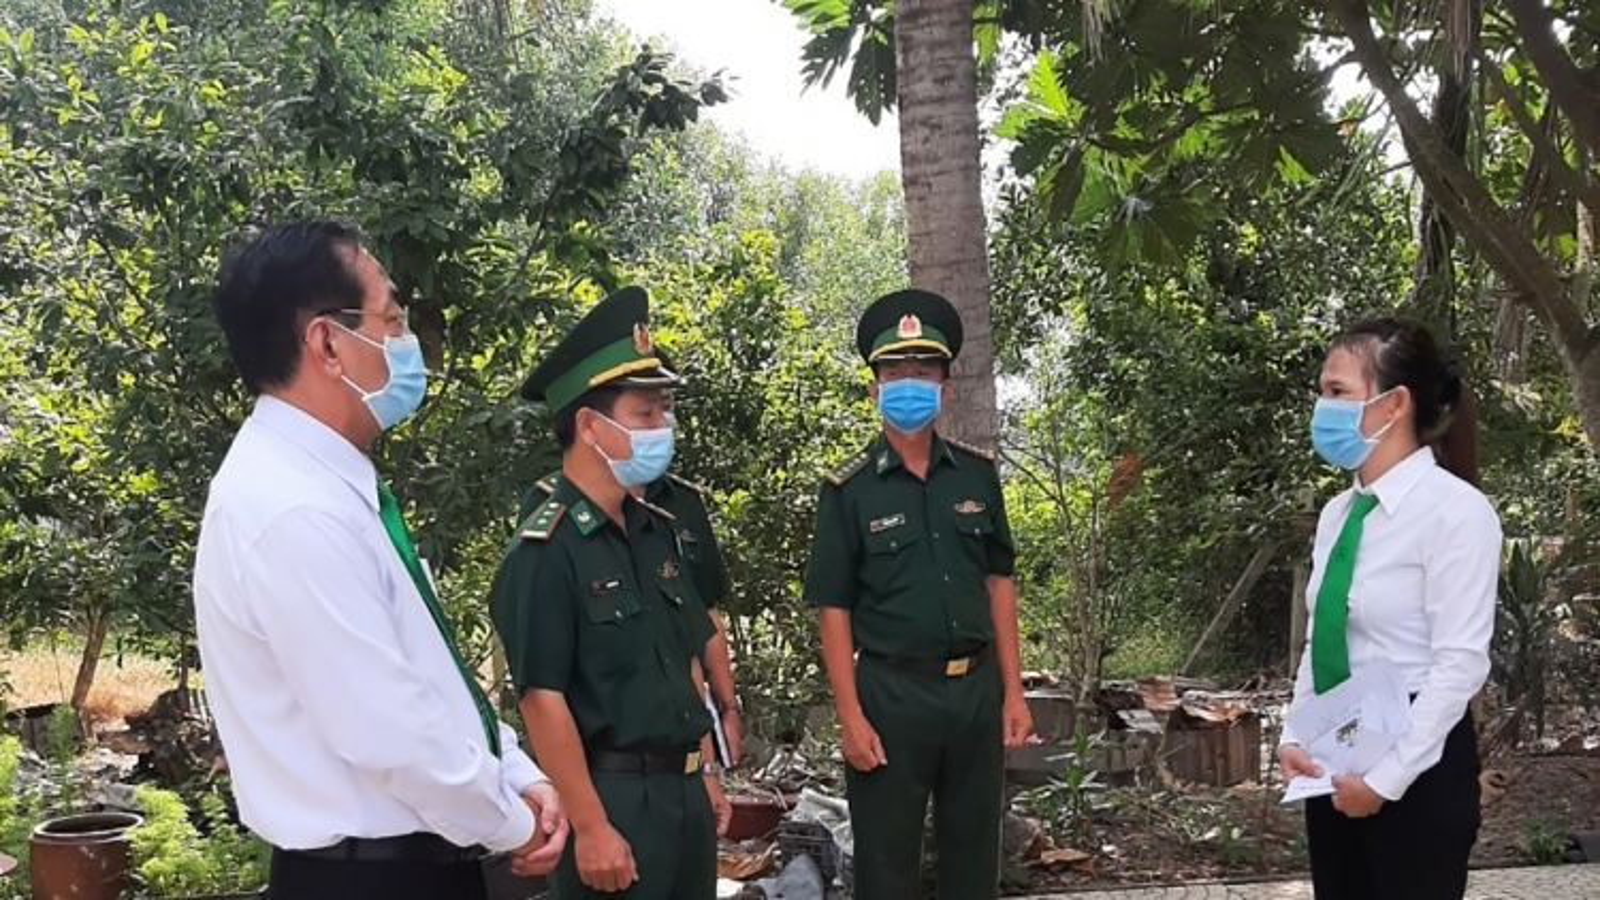 Tây Ninh thưởng nóng tài xế taxi vì tố giác người nhập cảnh trái phép